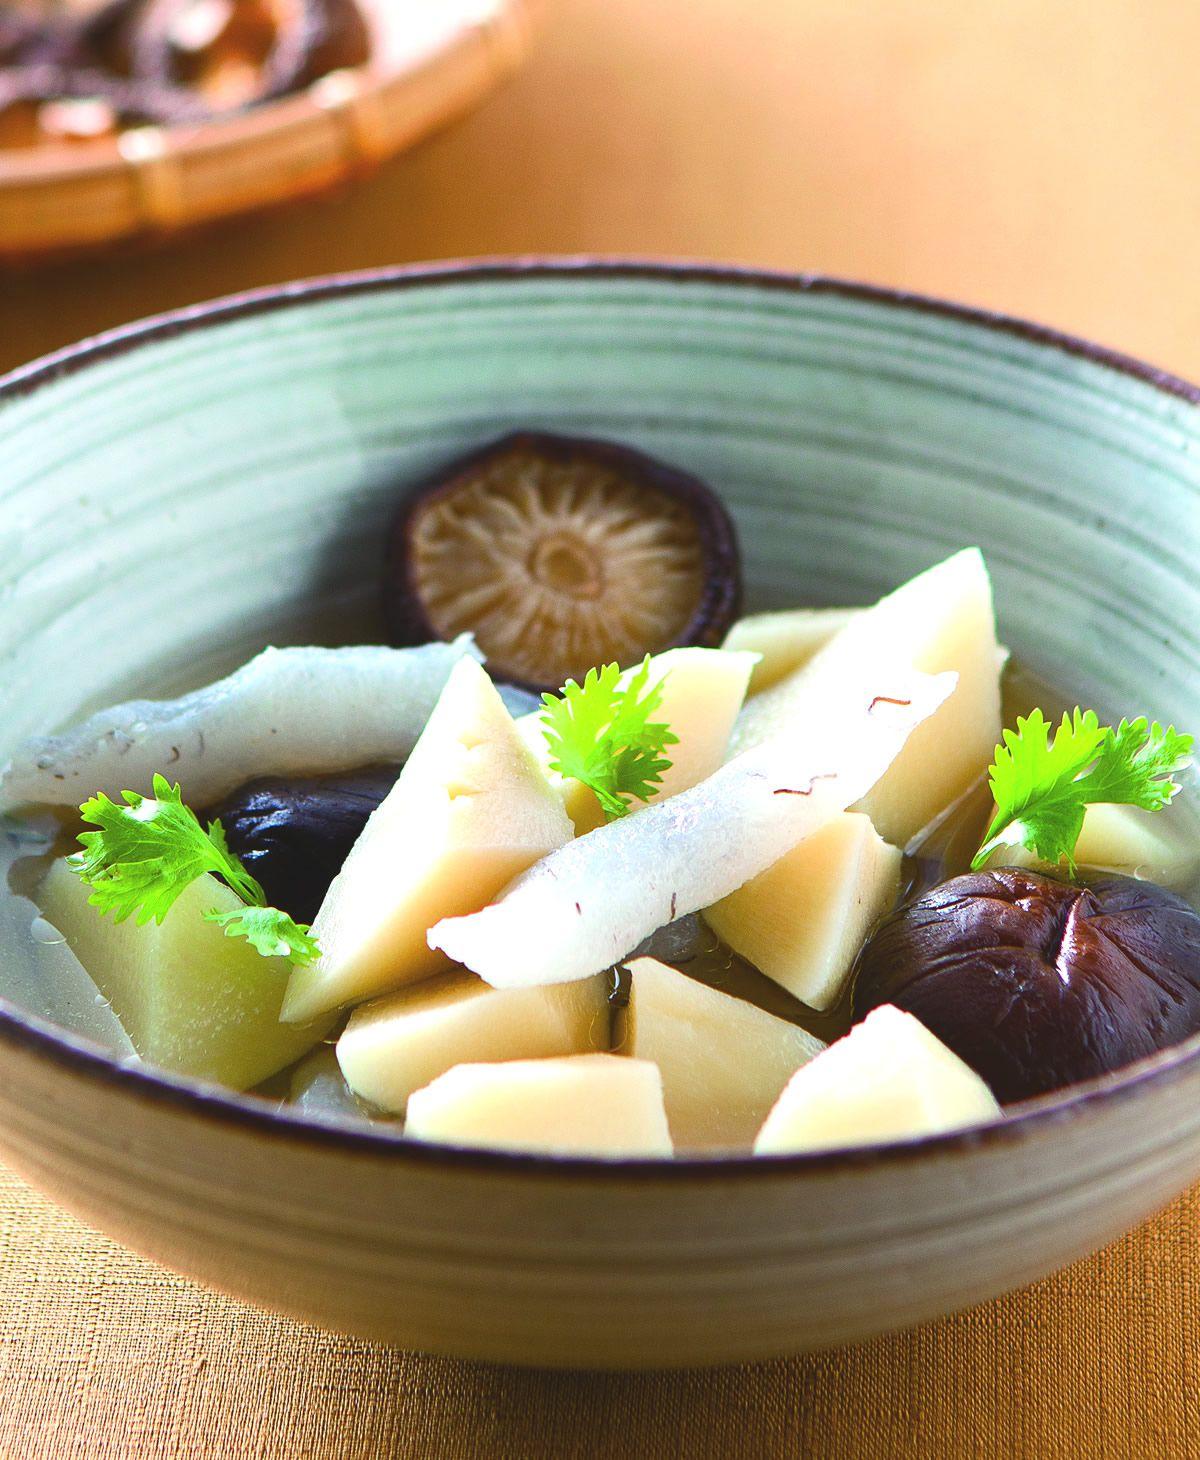 食譜:竹筍香菇蒟蒻